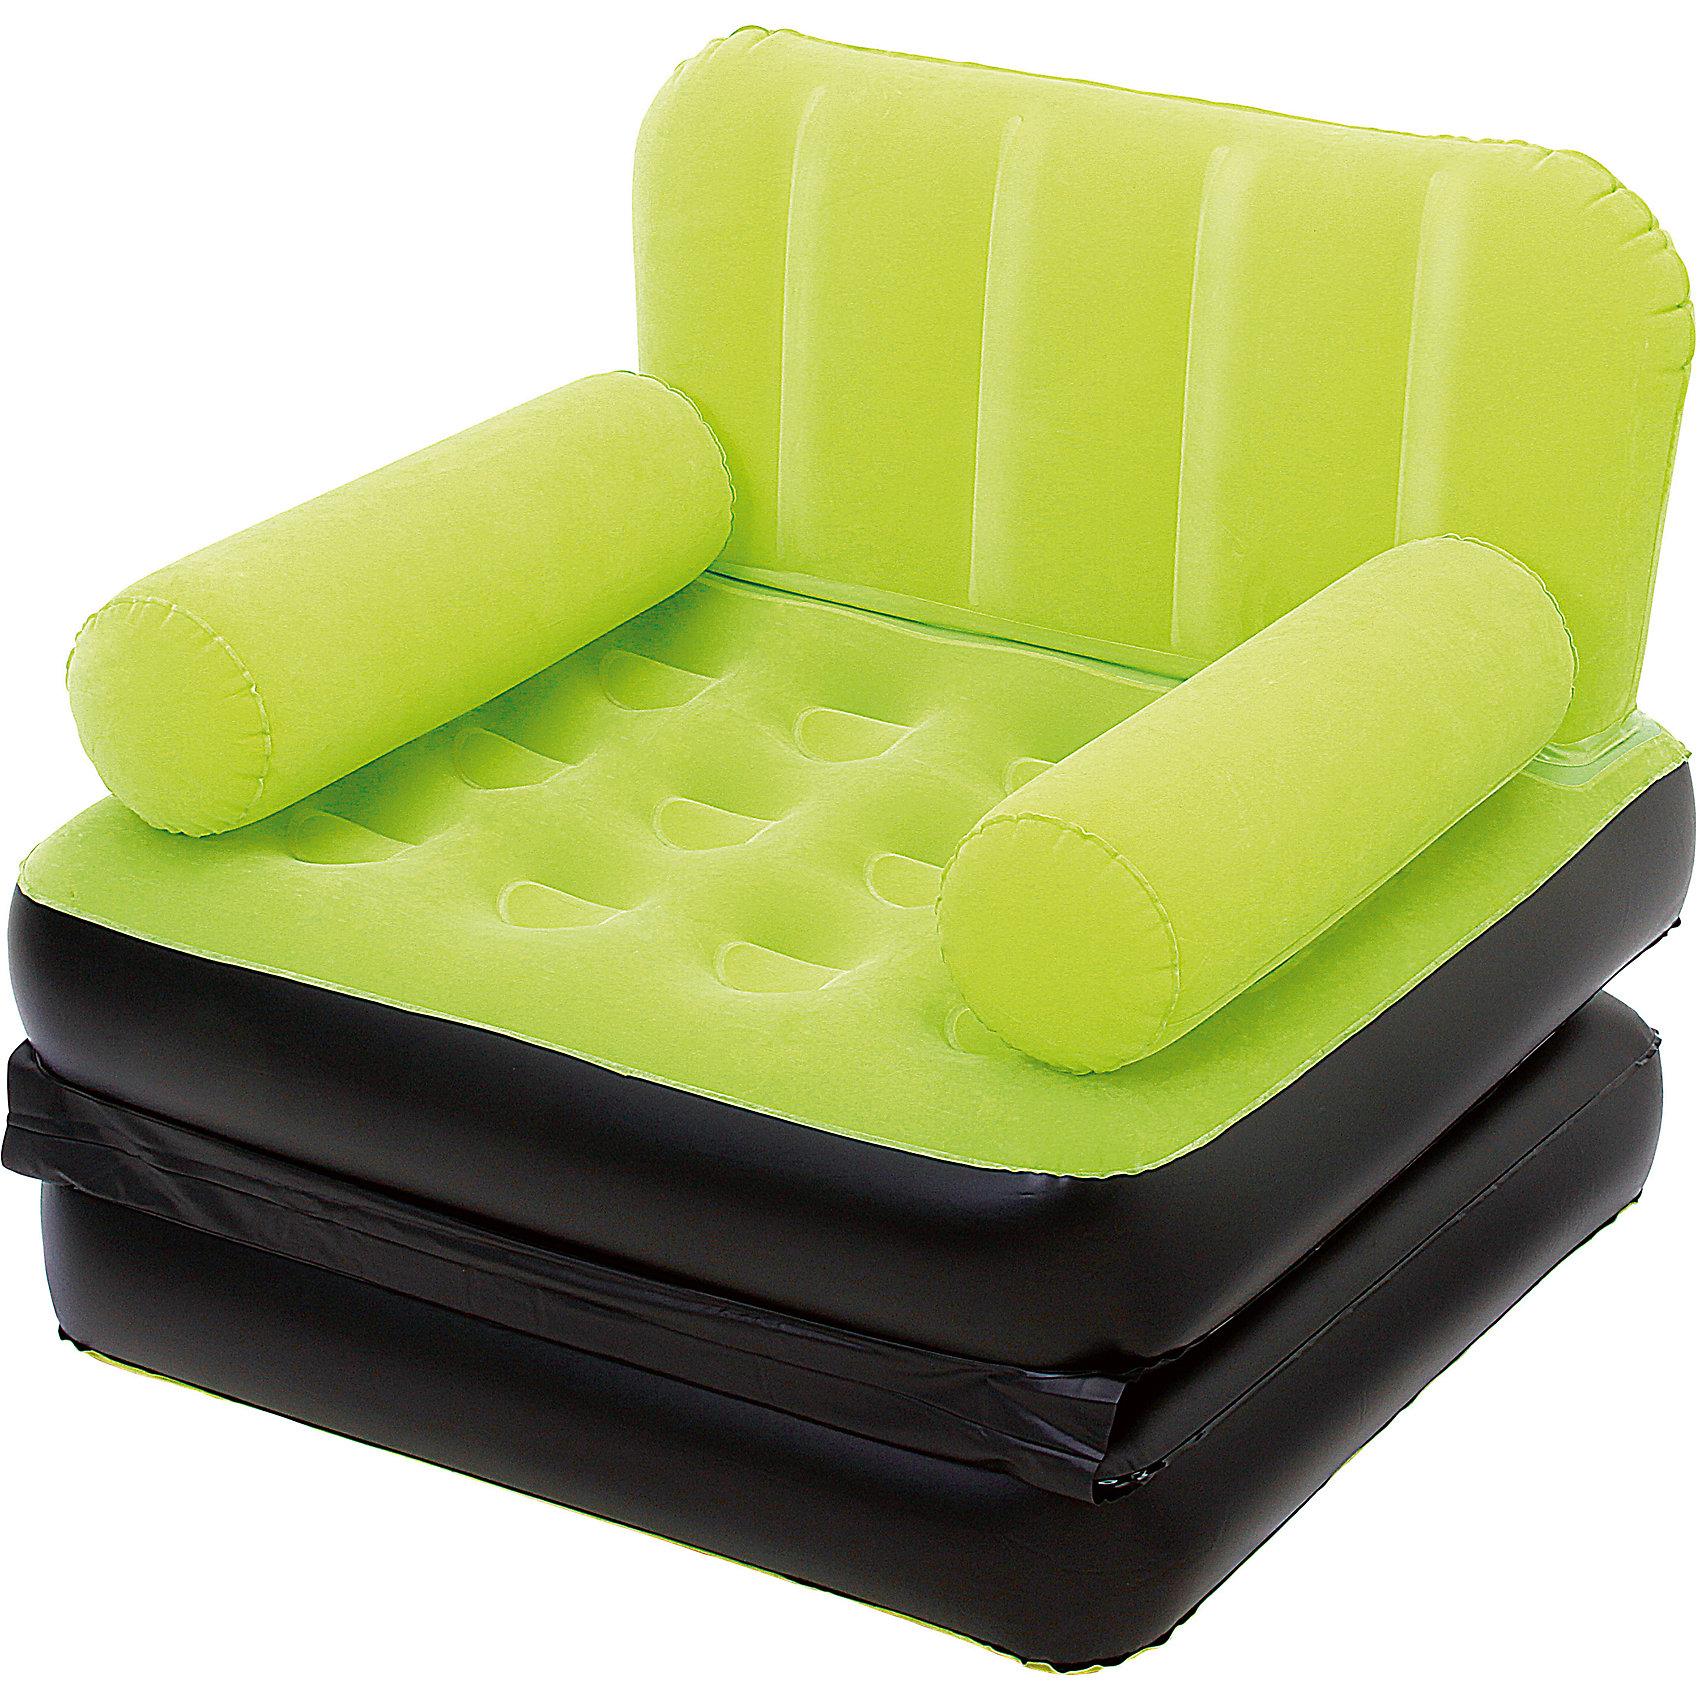 Кресло-кровать надувное, зеленое, BestwayМебель<br>Кресло-кровать надувное, зеленое, Bestway (Бествей)<br><br>Характеристики:<br><br>• яркое кресло легко трансформируется в кровать<br>• быстро надувается<br>• прочное<br>• материал: винил<br>• размер: 193х102х64 см<br>• цвет: зеленый<br>• максимальная нагрузка: 223 кг<br>• вес: 3 кг<br><br>Яркое кресло Bestway легко и быстро трансформируется в односпальную кровать. Привлекательный дизайн украсит интерьер любого помещения. Вы можете использовать кресло дома или на открытом воздухе. Процесс установки занимает не более пяти минут. Кресло изготовлено из винила высокой прочности. С этим креслом вы сможете значительно сэкономить место в вашем доме.<br><br>Кресло-кровать надувное, зеленое, Bestway (Бествей) вы можете купить в нашем интернет-магазине.<br><br>Ширина мм: 635<br>Глубина мм: 350<br>Высота мм: 370<br>Вес г: 2983<br>Возраст от месяцев: 72<br>Возраст до месяцев: 2147483647<br>Пол: Унисекс<br>Возраст: Детский<br>SKU: 5486939